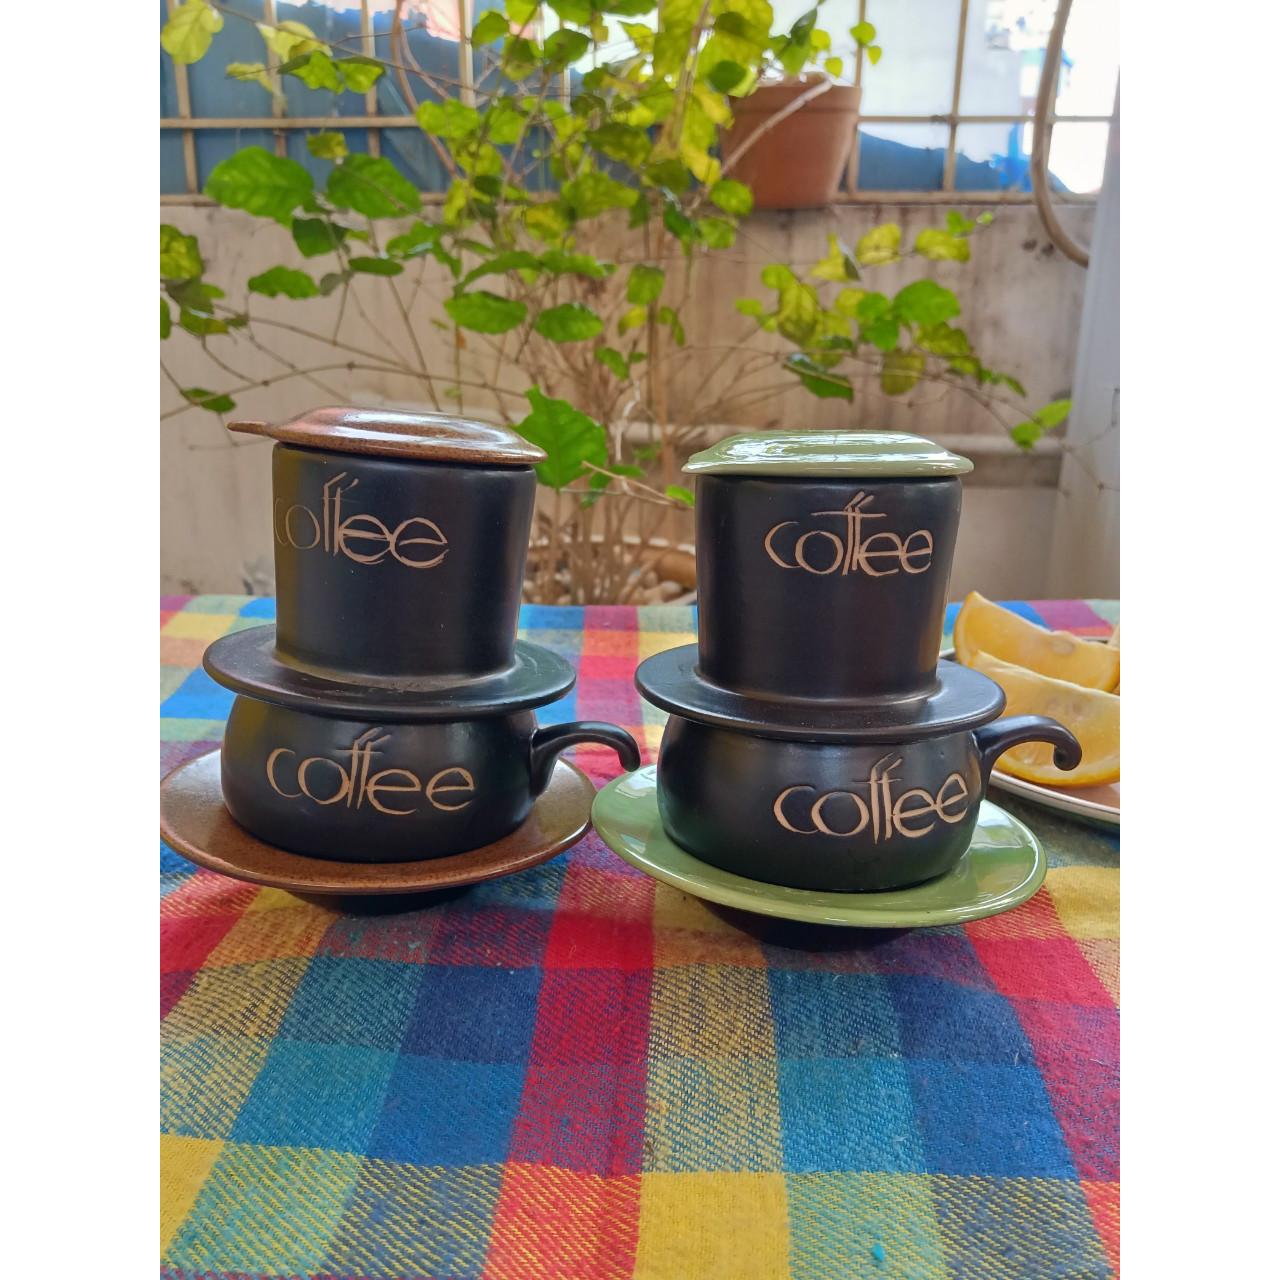 02 bộ phin pha cà phê gốm sứ Bát Tràng